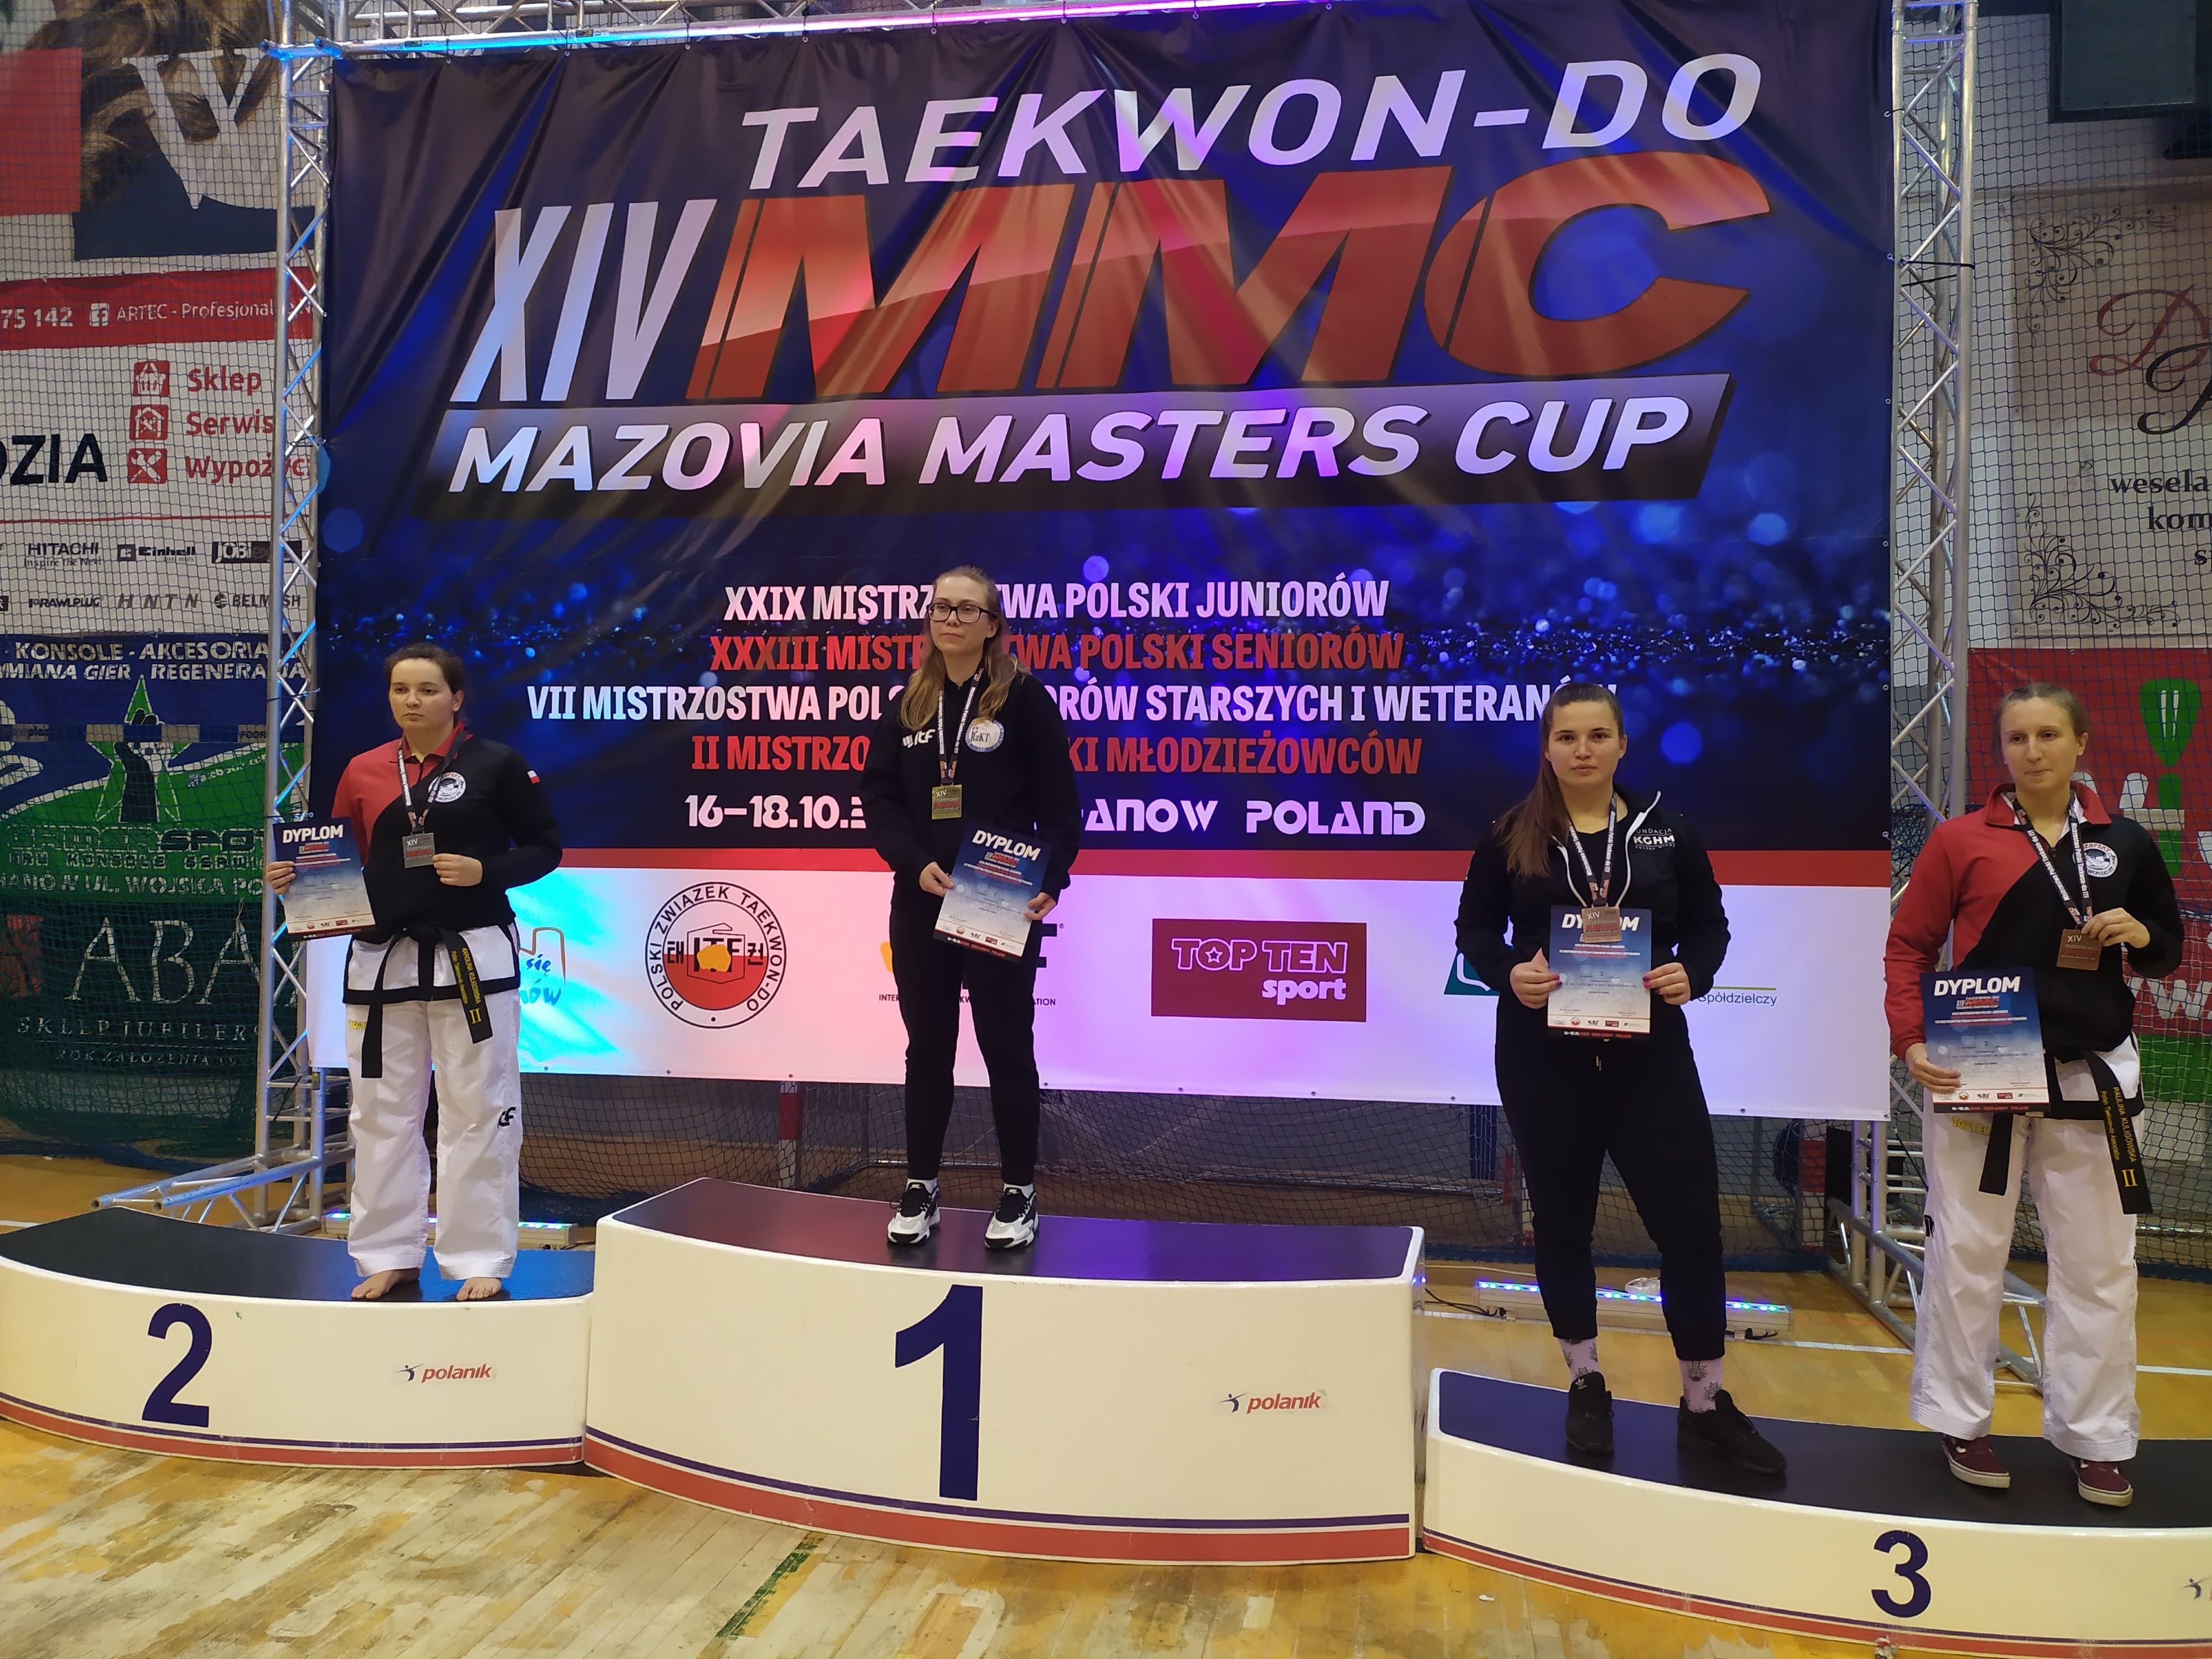 Mistrzostwa Polski w Taekwon-do Ciechanów 2020